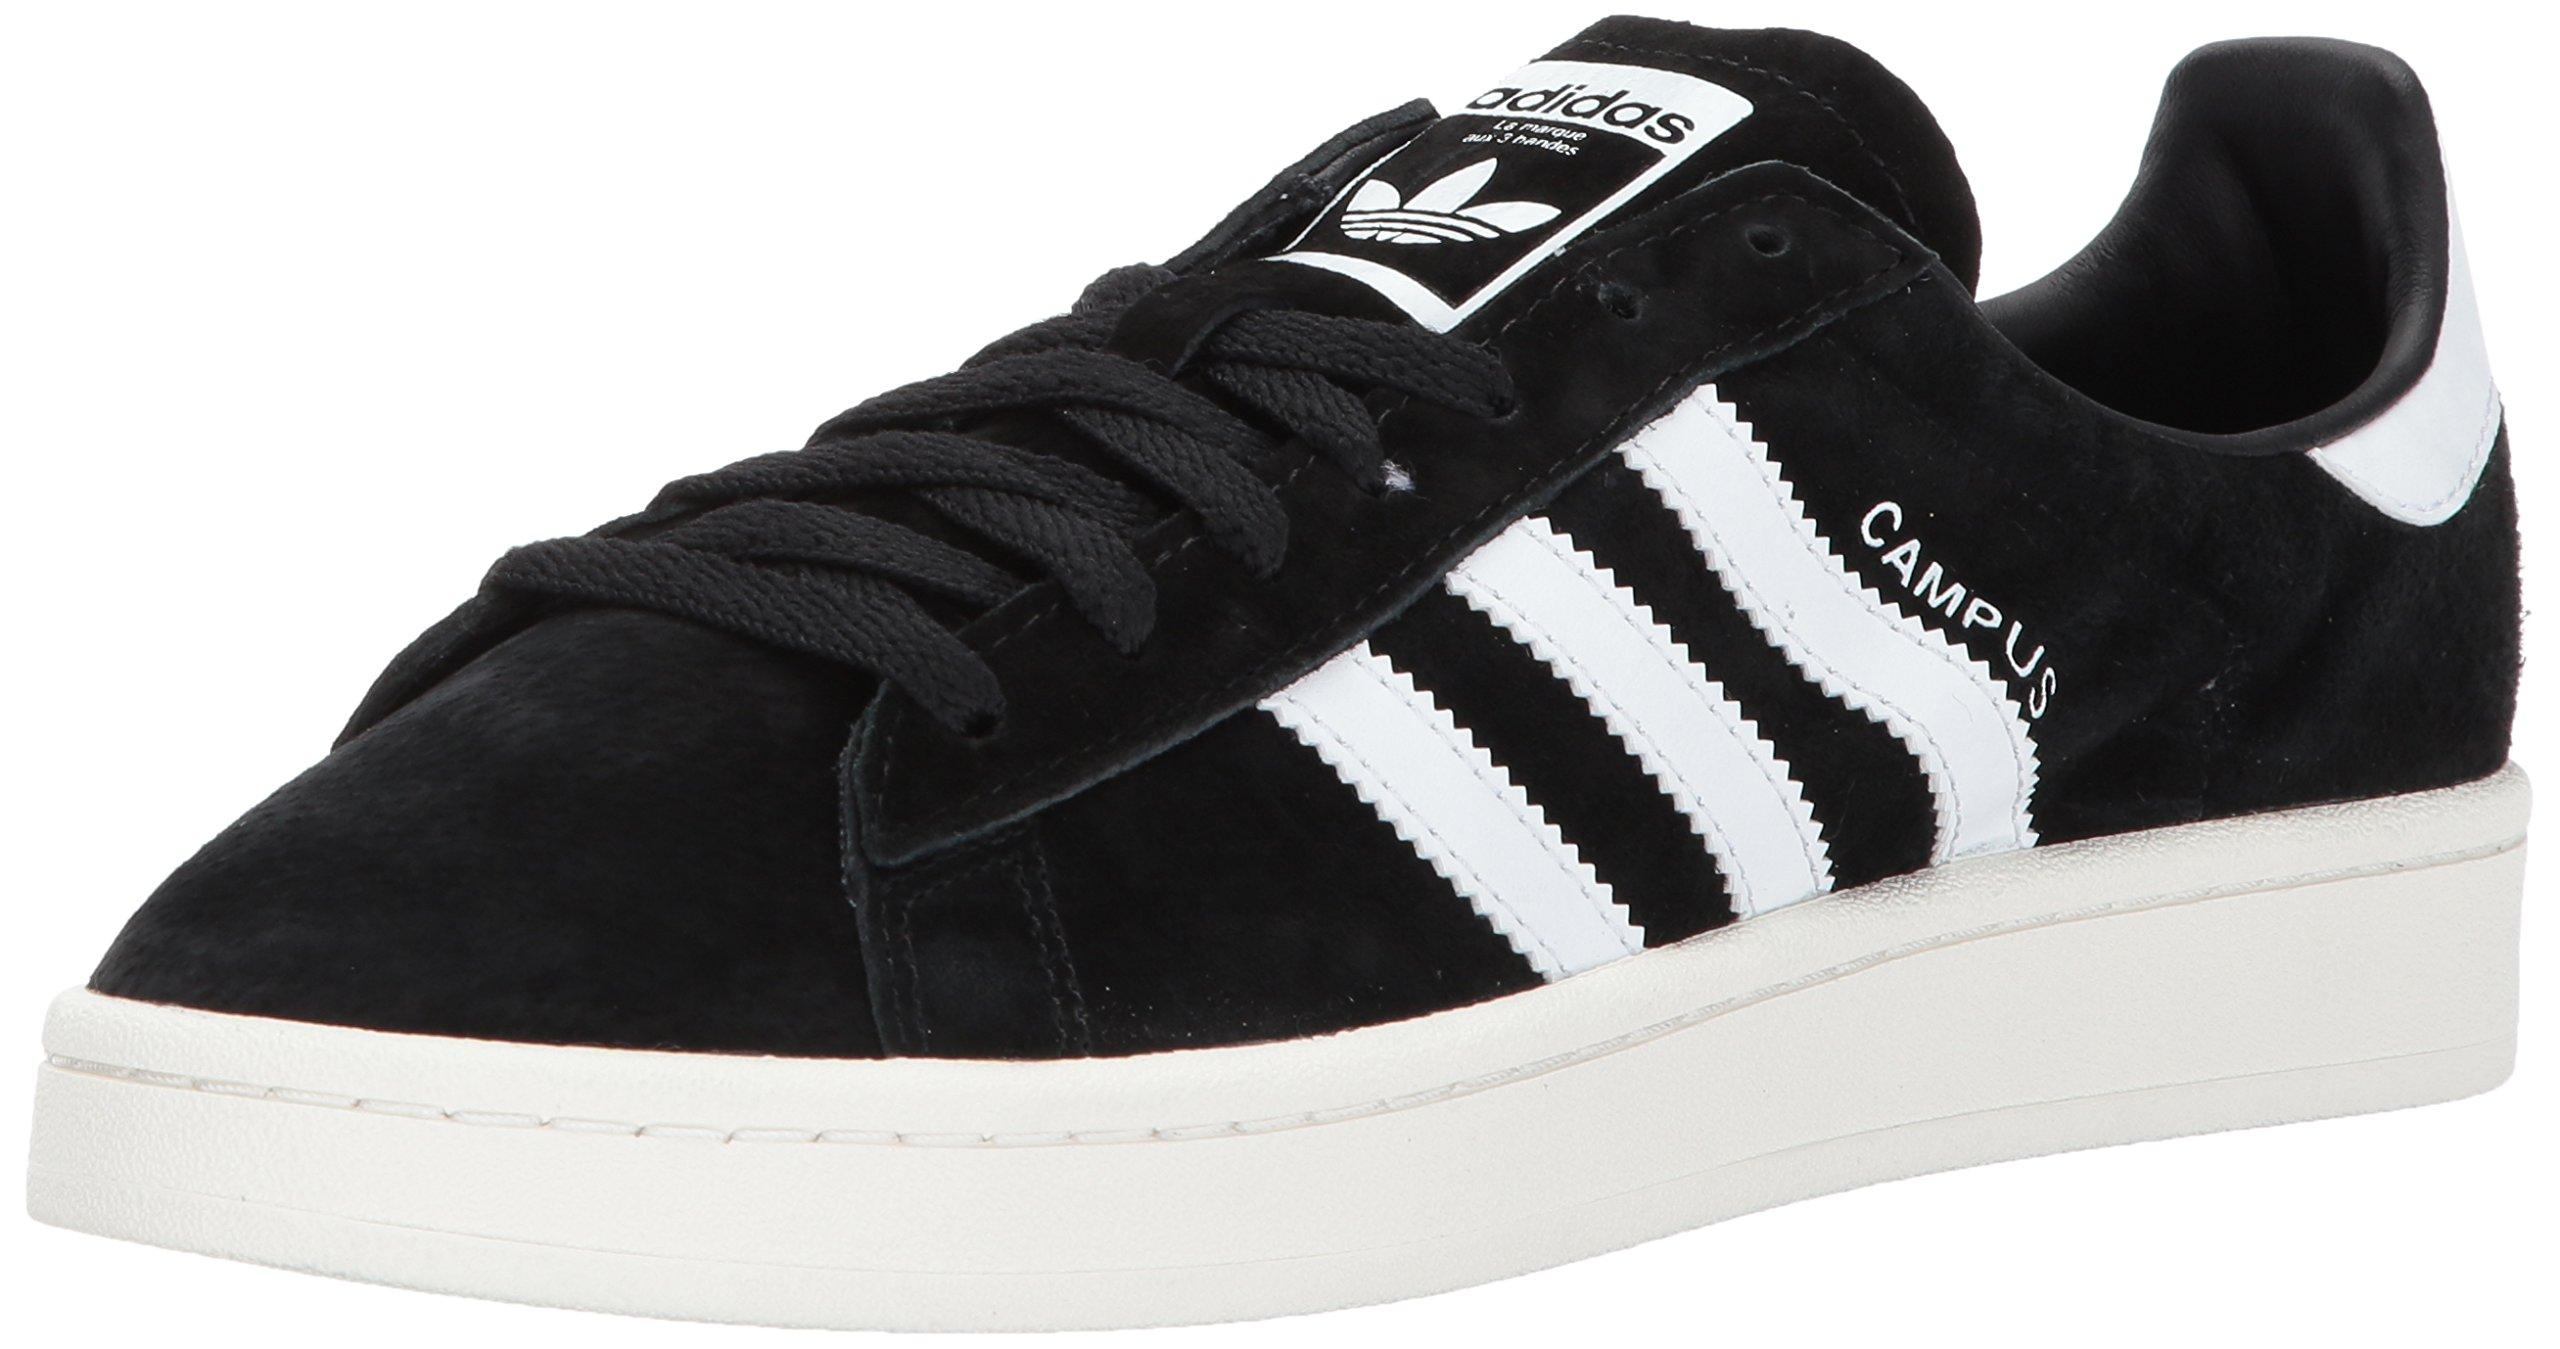 adidas Originals Men's Campus Sneakers, Black Chalk White, (6 M US)